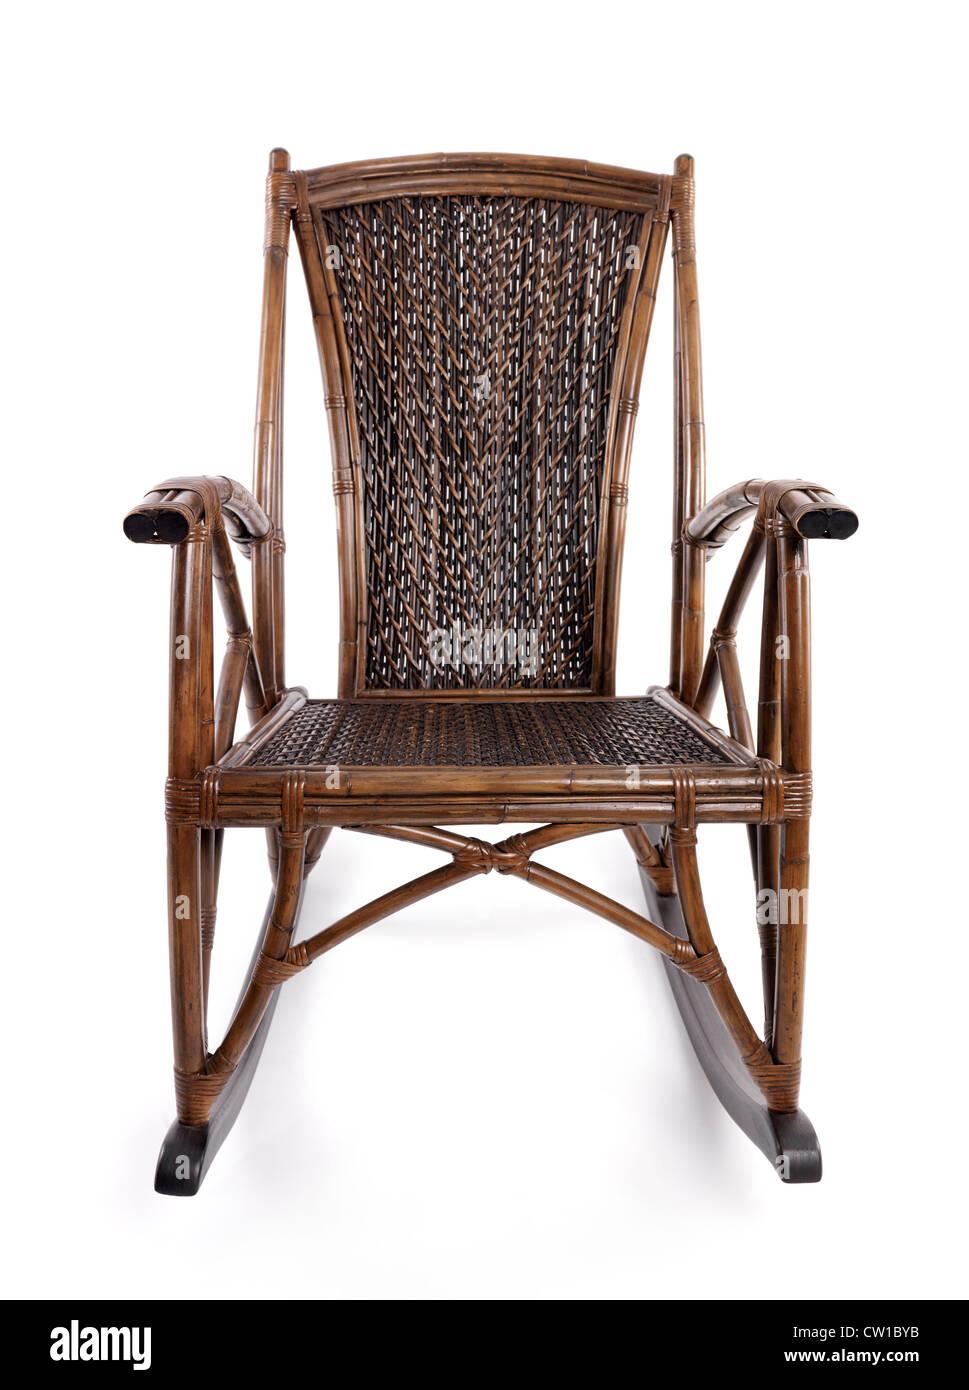 Furniture immagini furniture fotos stock alamy for Sedia a dondolo in vimini